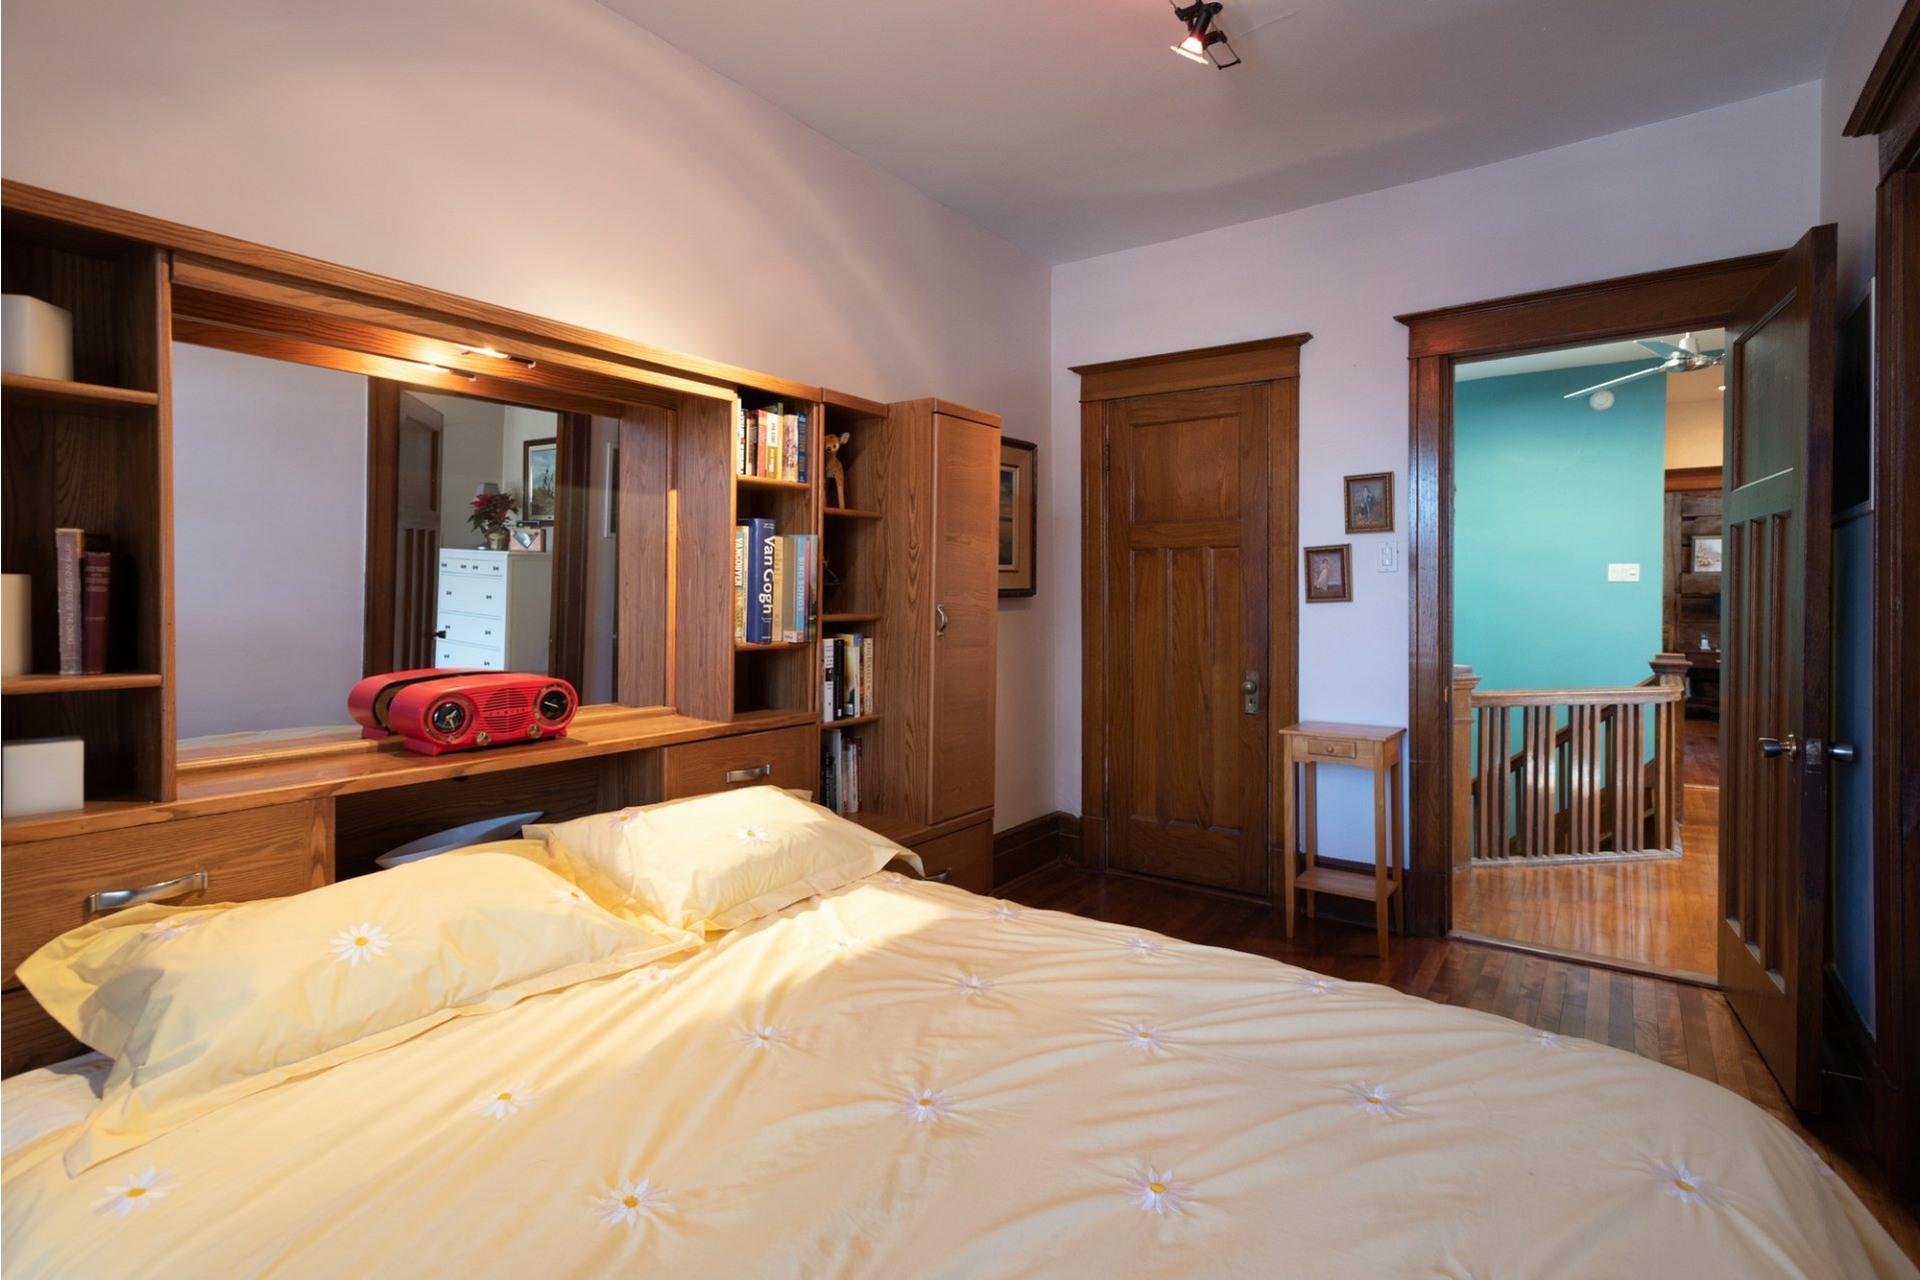 image 18 - House For sale Côte-des-Neiges/Notre-Dame-de-Grâce Montréal  - 13 rooms